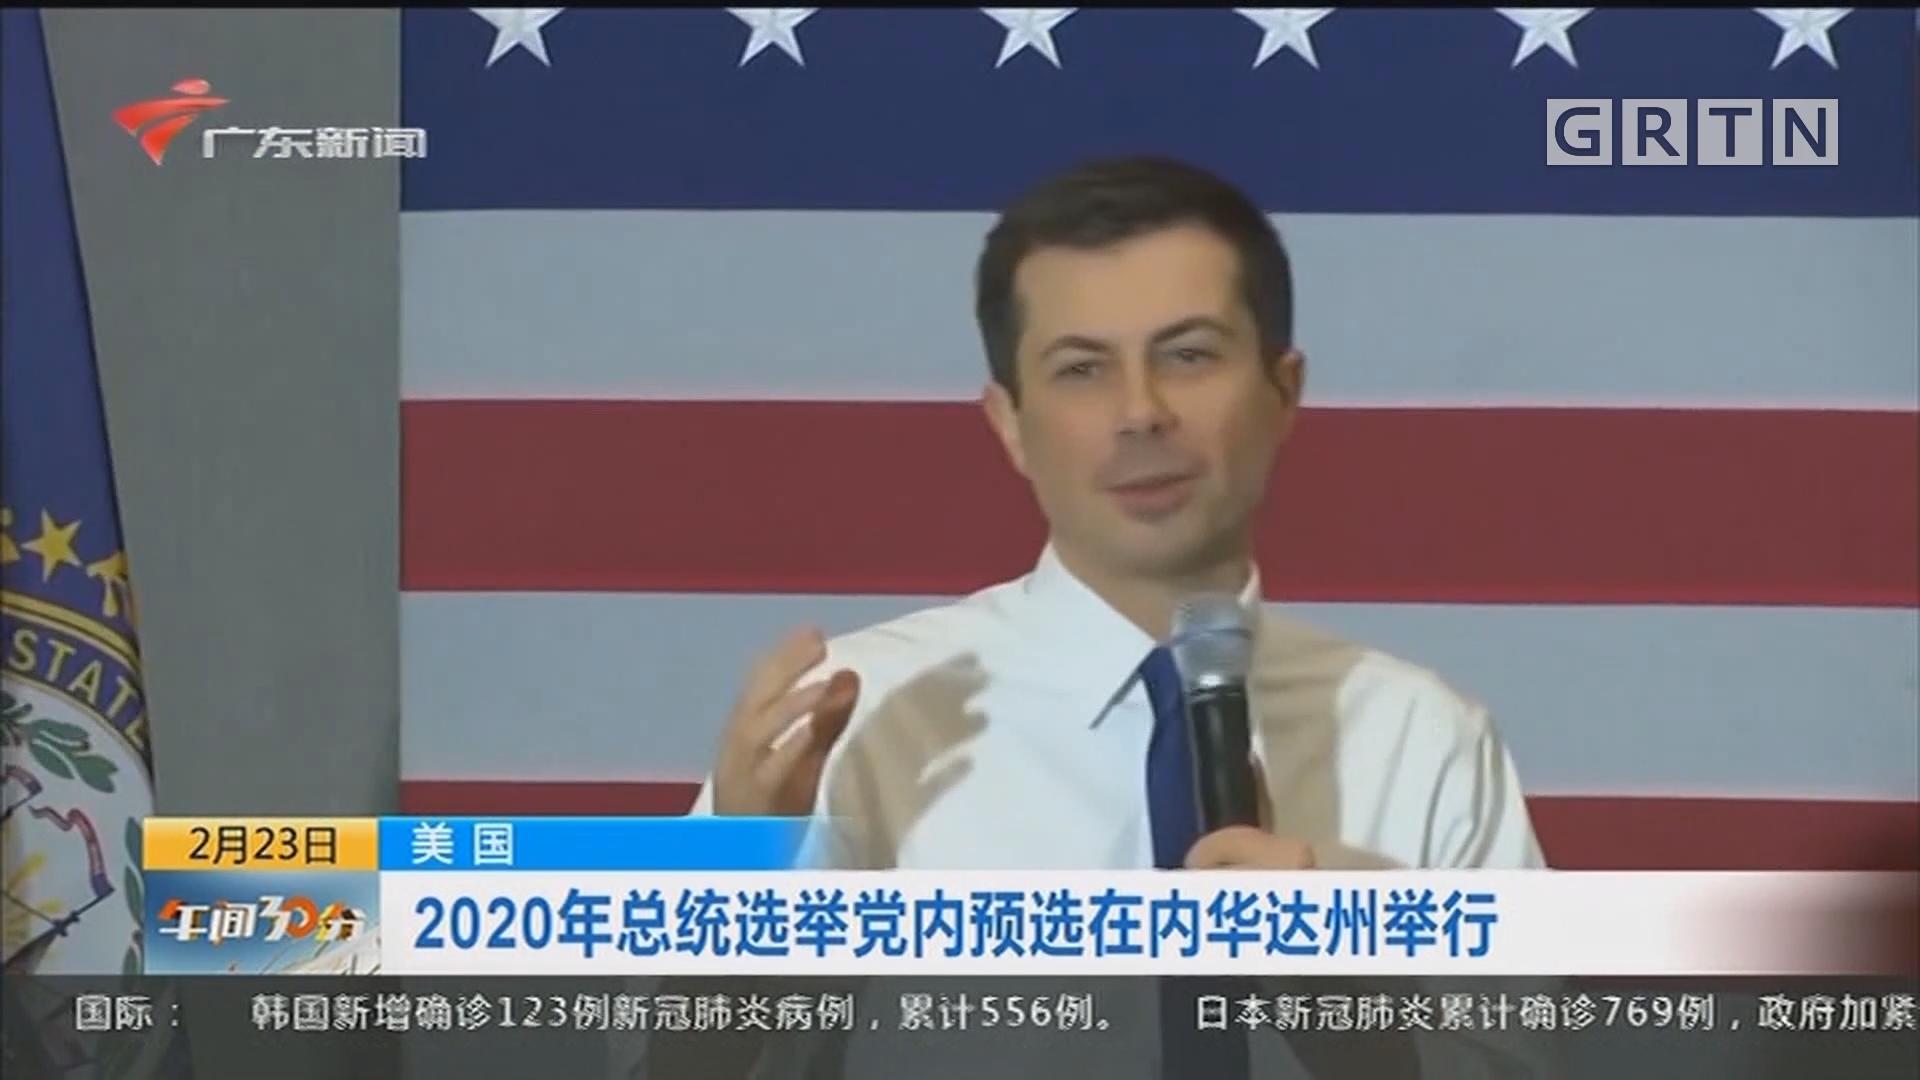 美国:2020年总统选举党内预选在内华达州举行